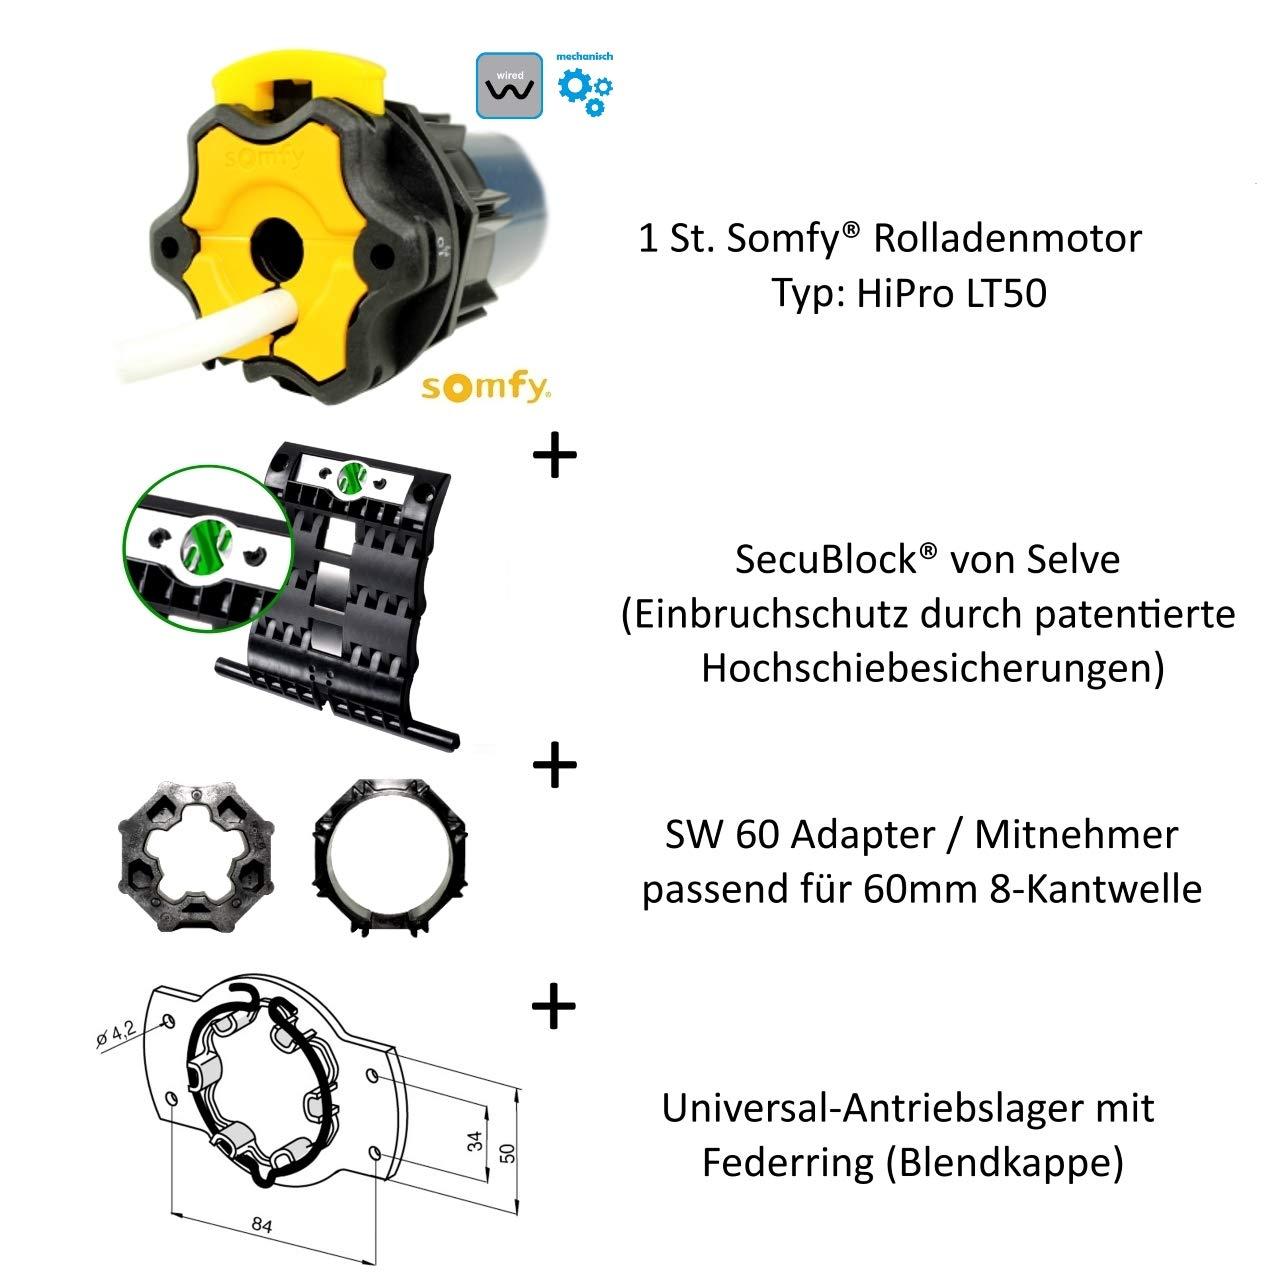 Ceres 10//17 + 3 St. SecuBlock Anschlusskabel und SW 60 Adapter//Mitnehmer. HiPro Ceres 10//17 inklusive Motorlager Hochwertiger Rohrmotor von Somfy/® f/ür Rolladen 2-gliedrig